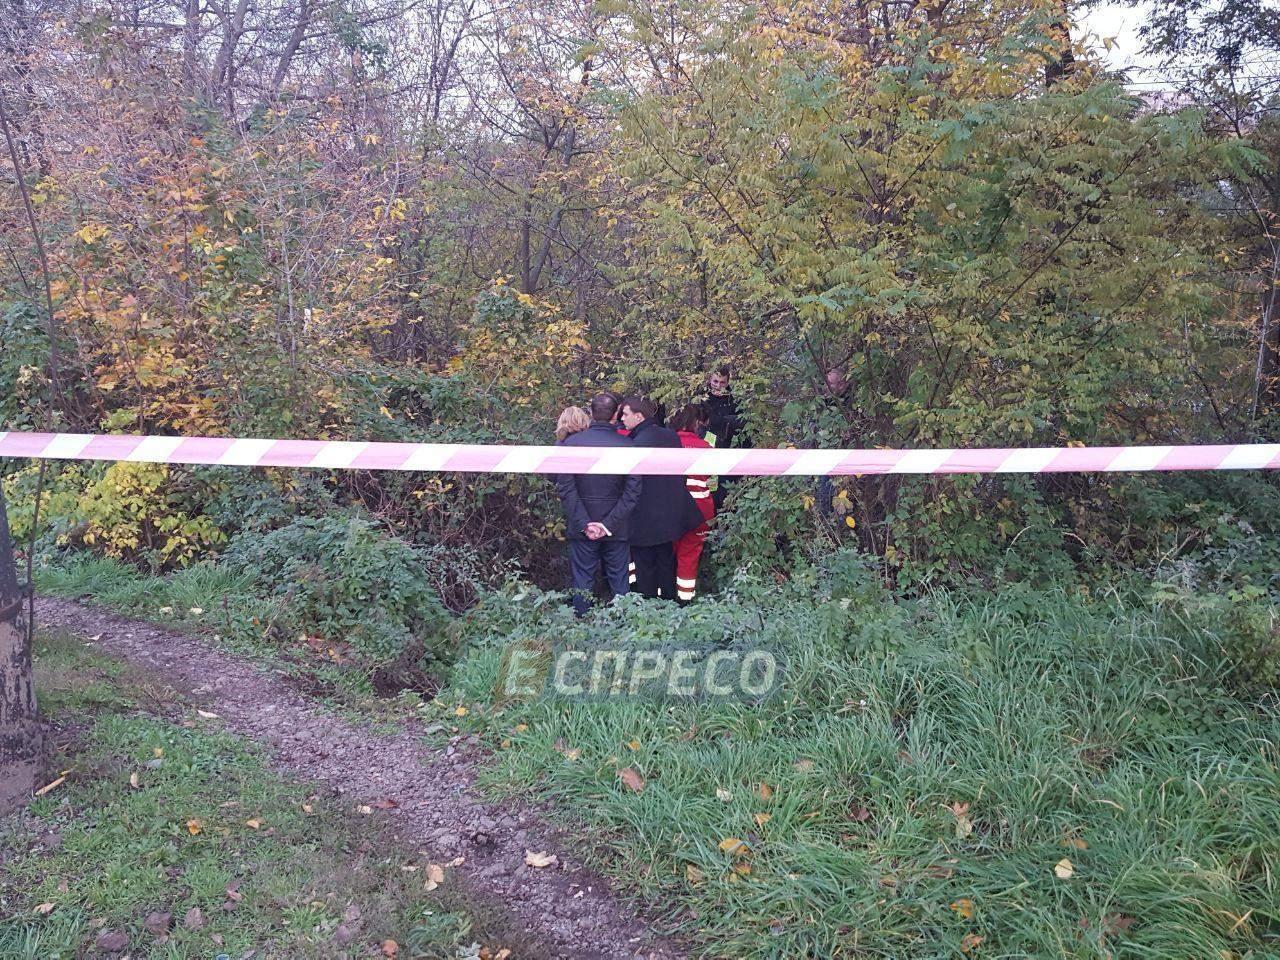 В Киеве возле остановки нашли труп мужчины (Фото)